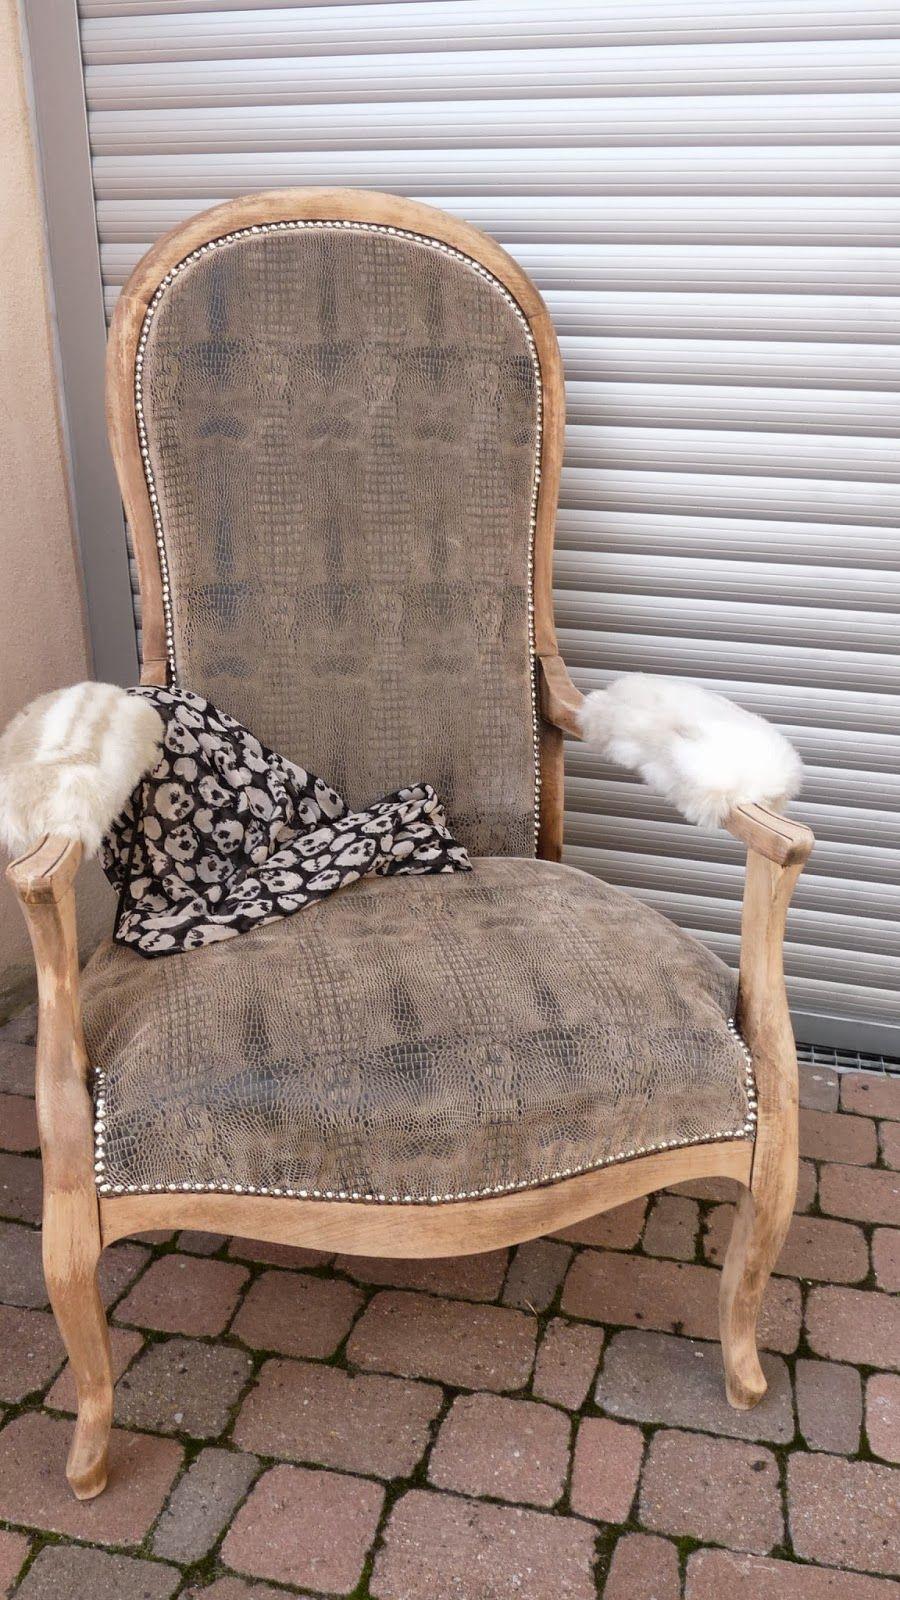 Fauteuil voltaire avec bois brut recherche google living room en 2019 chair accent chairs - Meuble voltaire ...